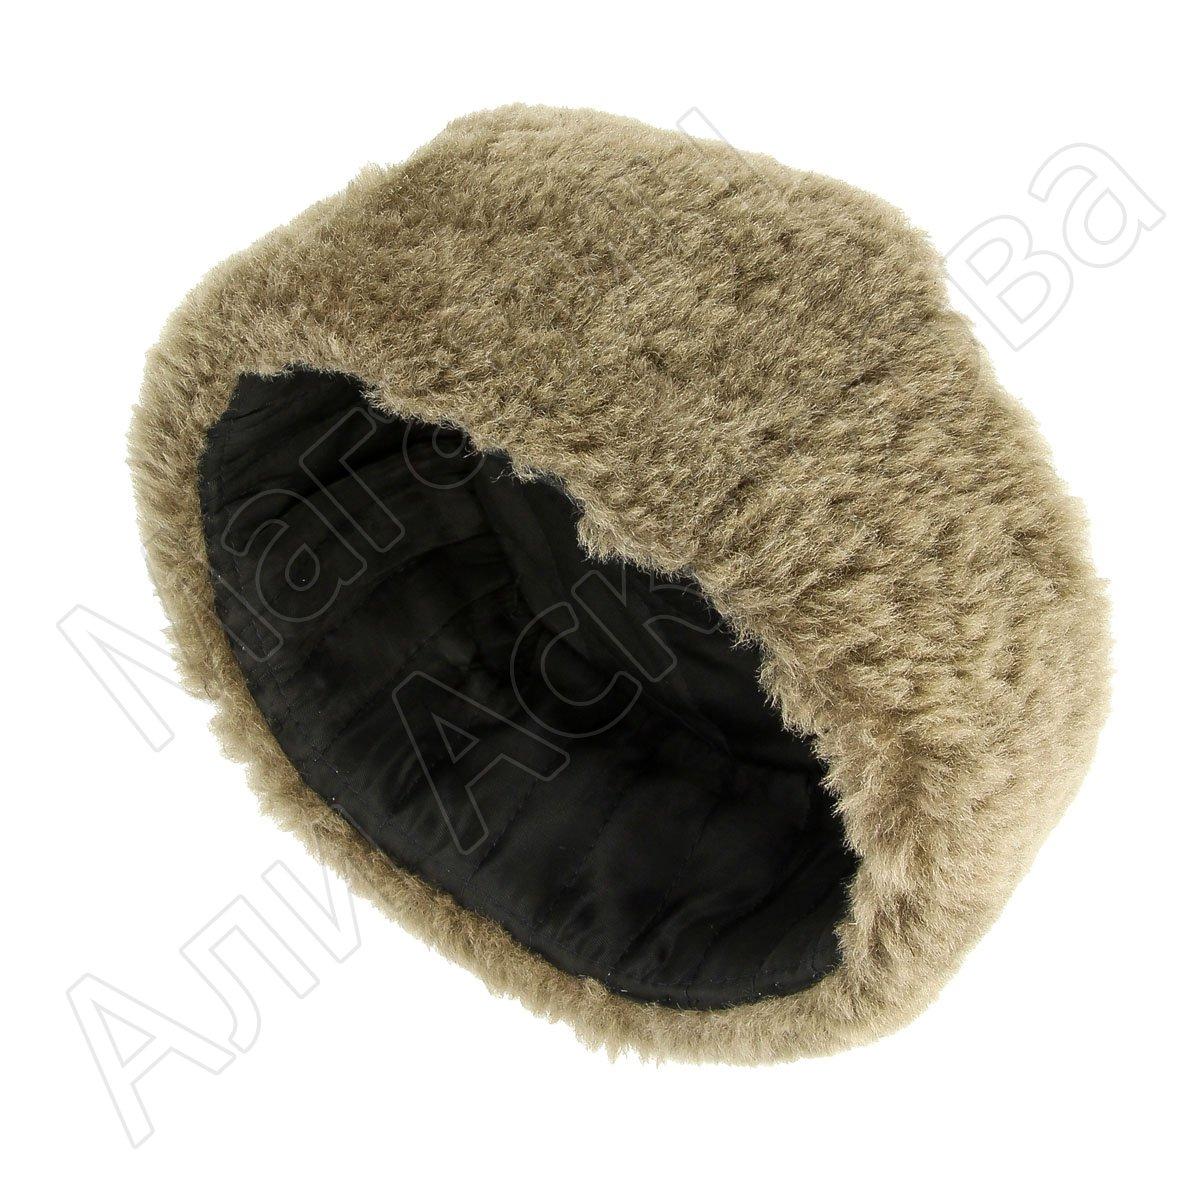 787aa153 Мужская шапка-ушанка из овчины ручной работы арт.7002 с быстрой ...